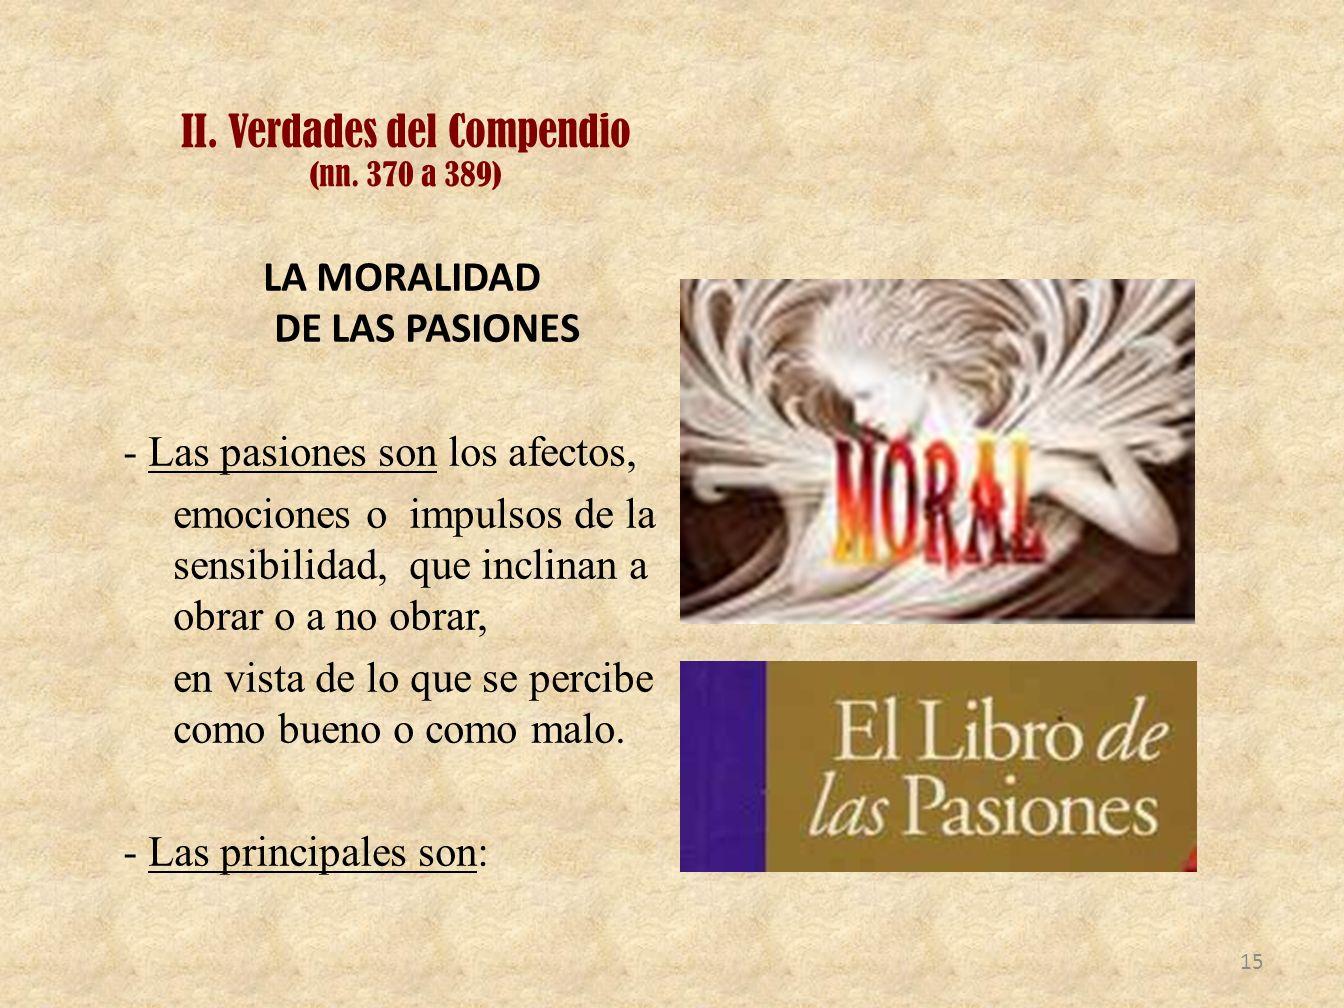 II. Verdades del Compendio (nn. 370 a 389) LA MORALIDAD DE LAS PASIONES - Las pasiones son los afectos, emociones o impulsos de la sensibilidad, que i